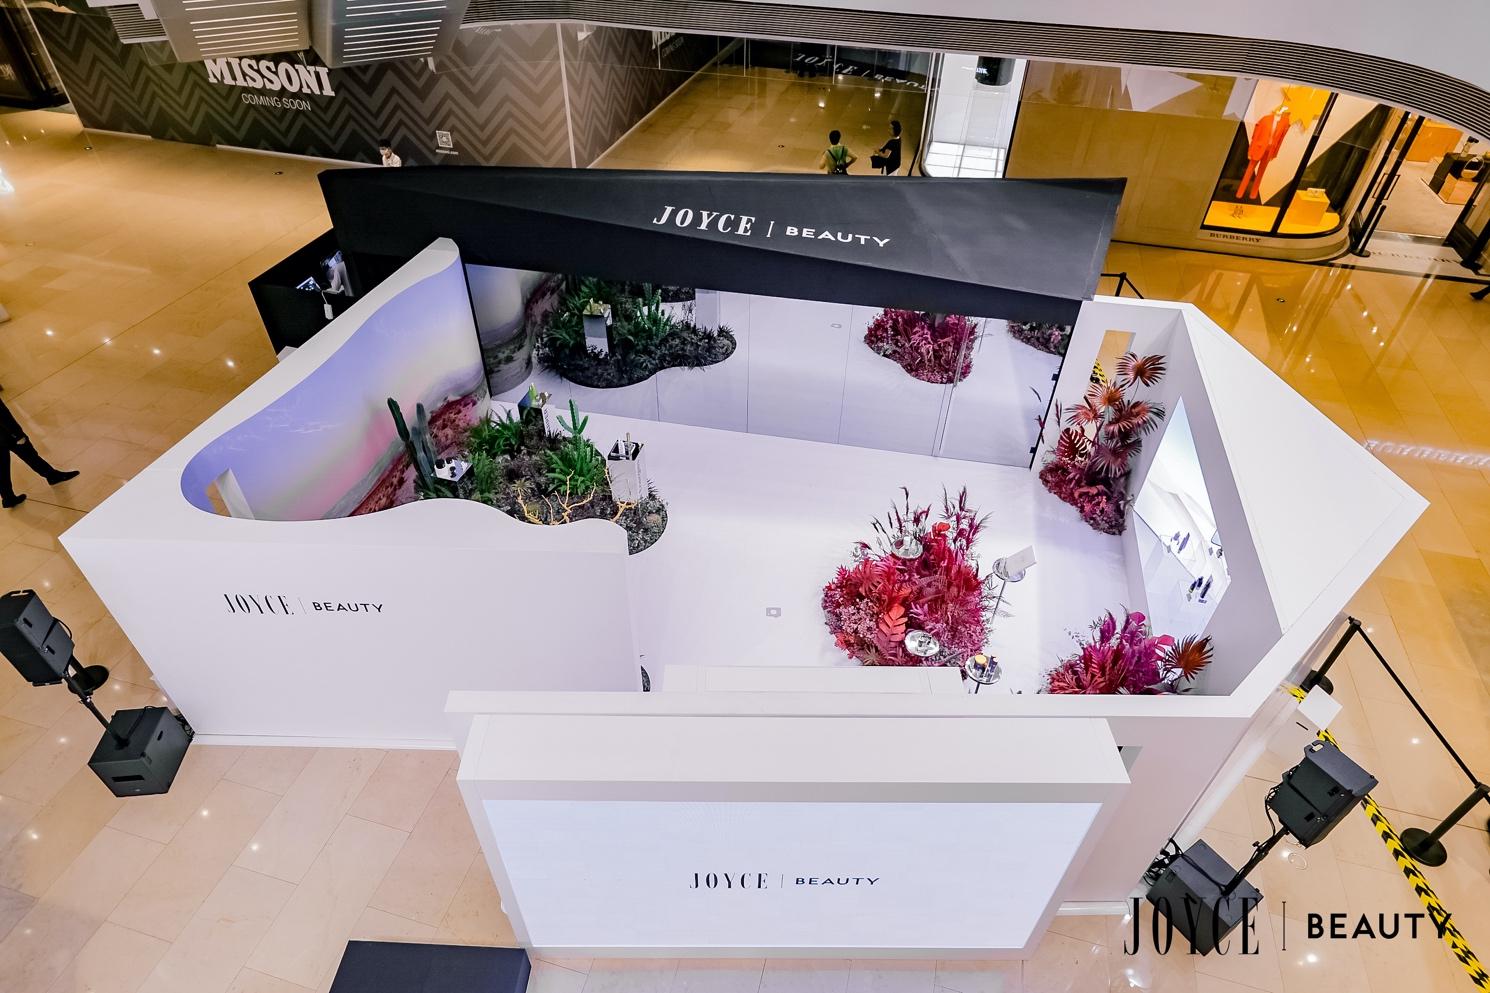 圖片包含 室內, 桌子, 項目, 食物 描述已自動生成